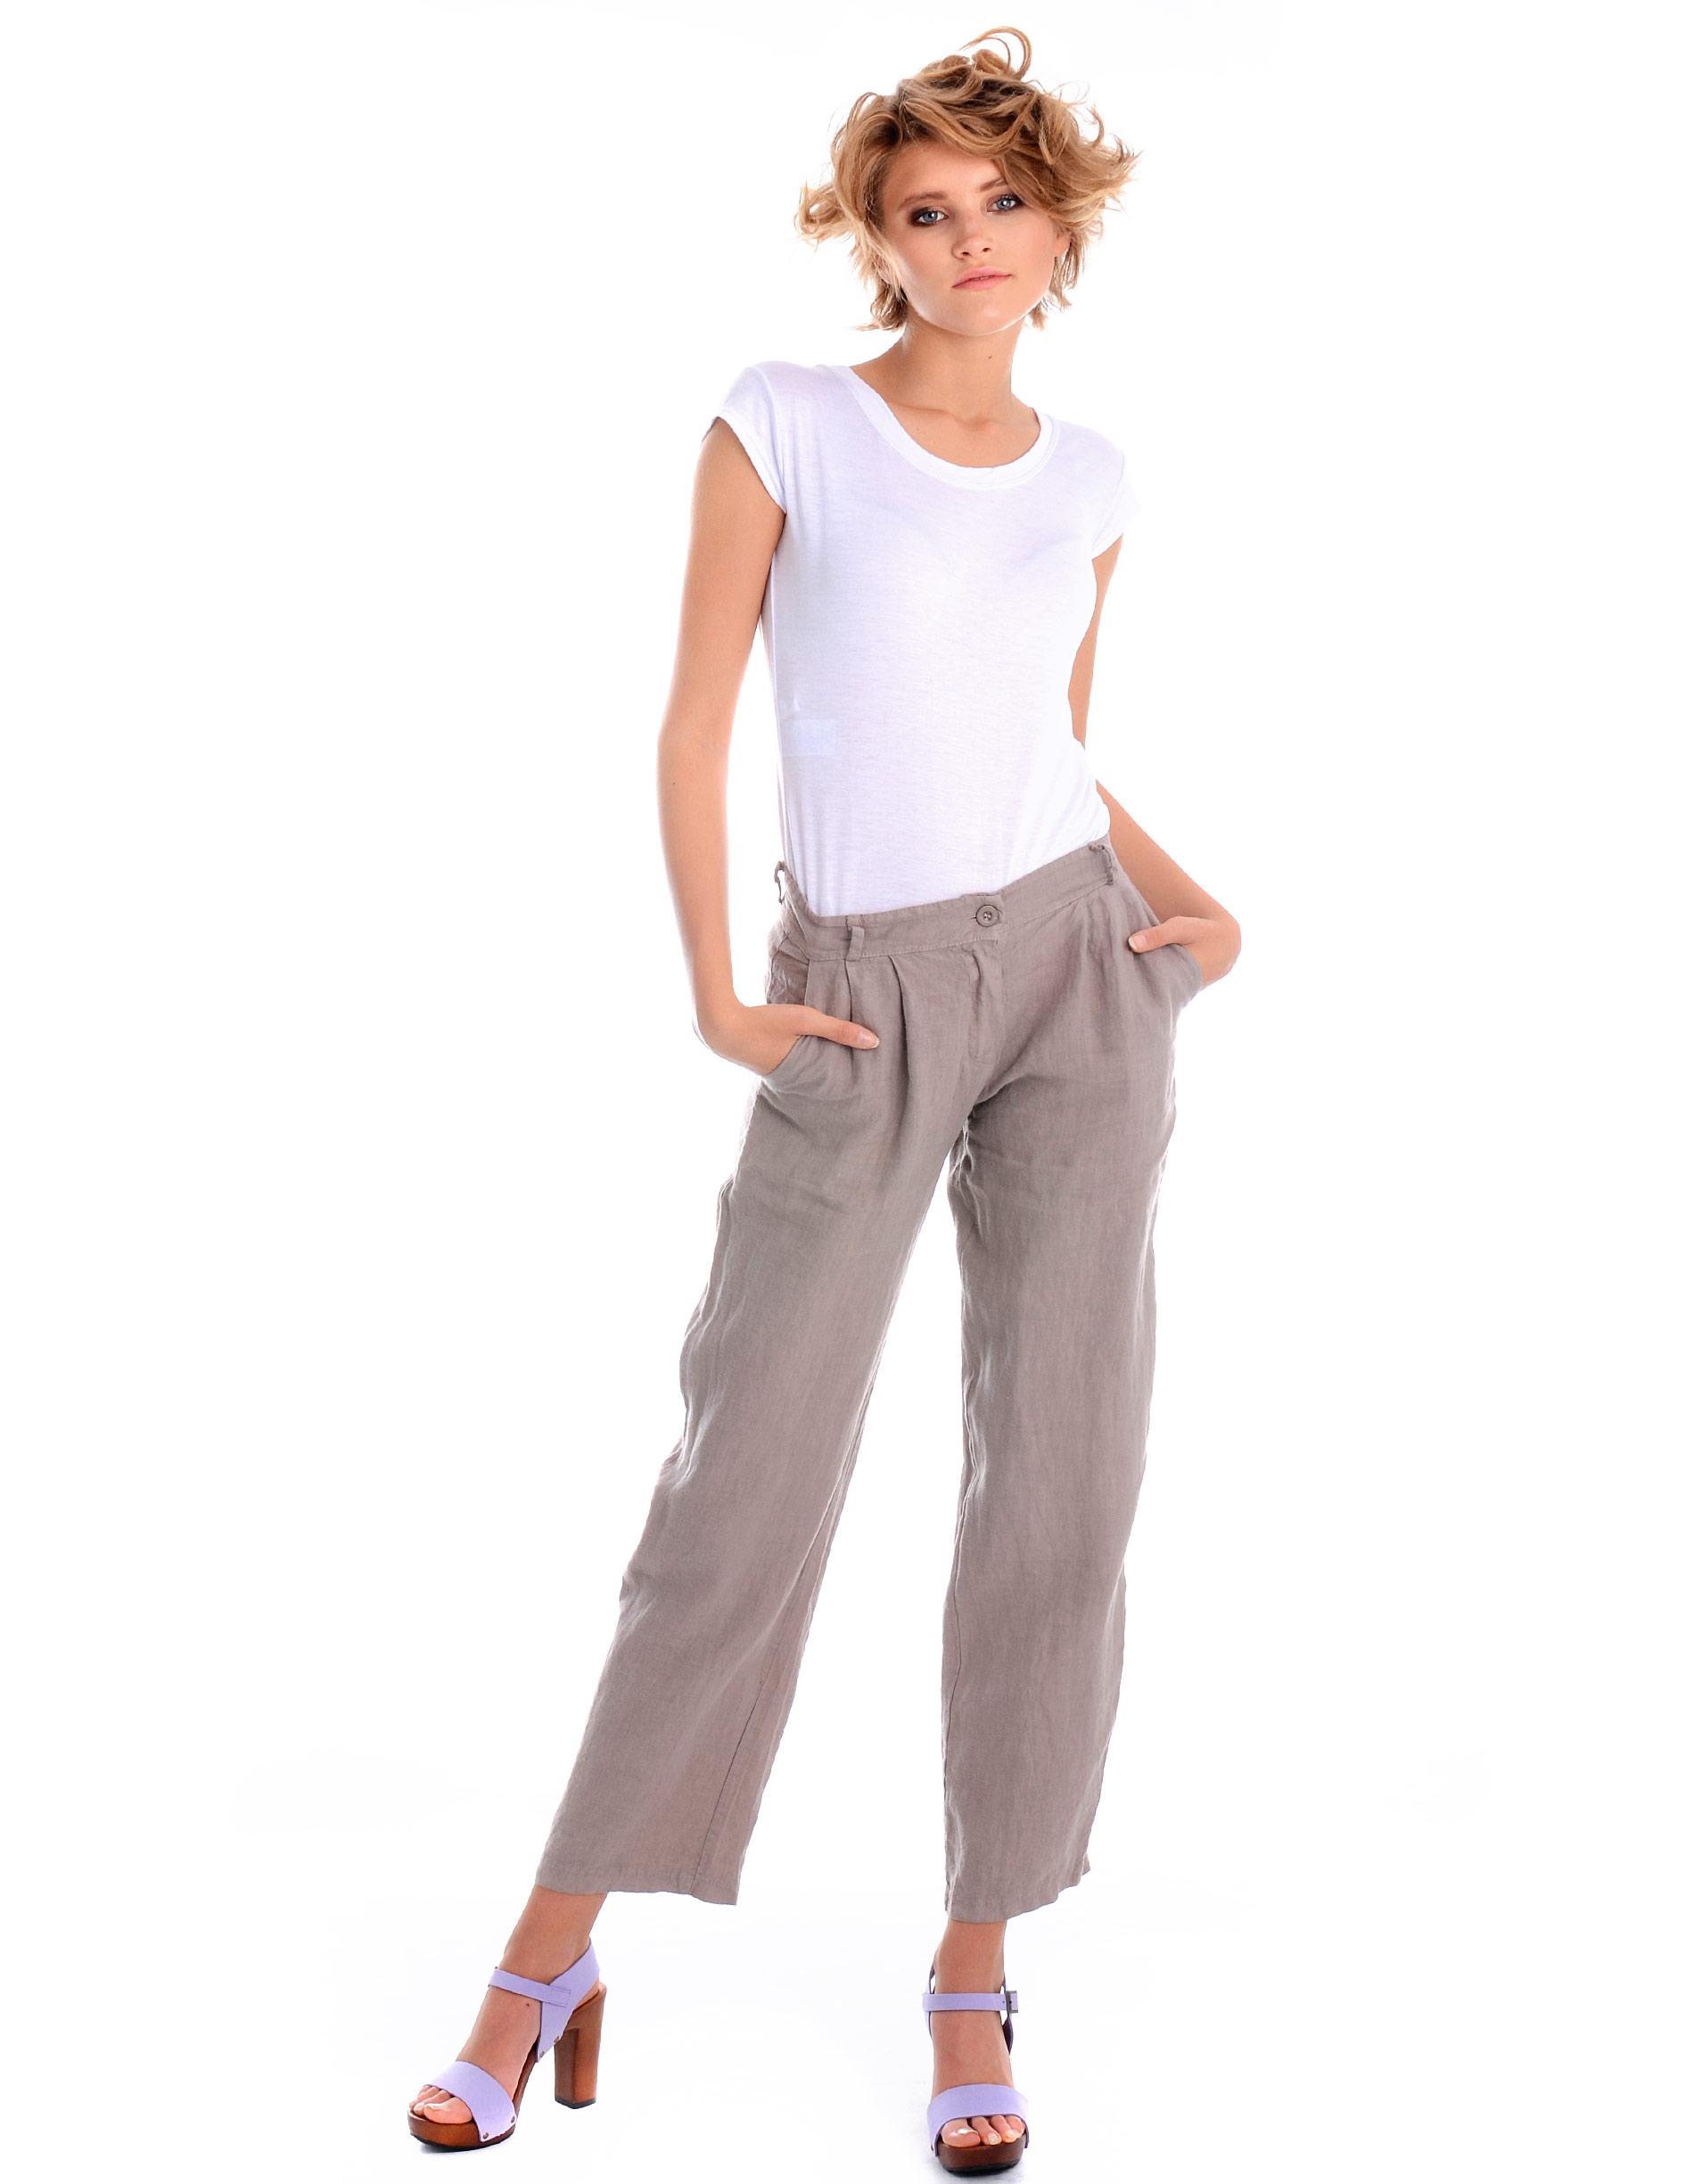 Spodnie - 33-7003 FANGO - Unisono